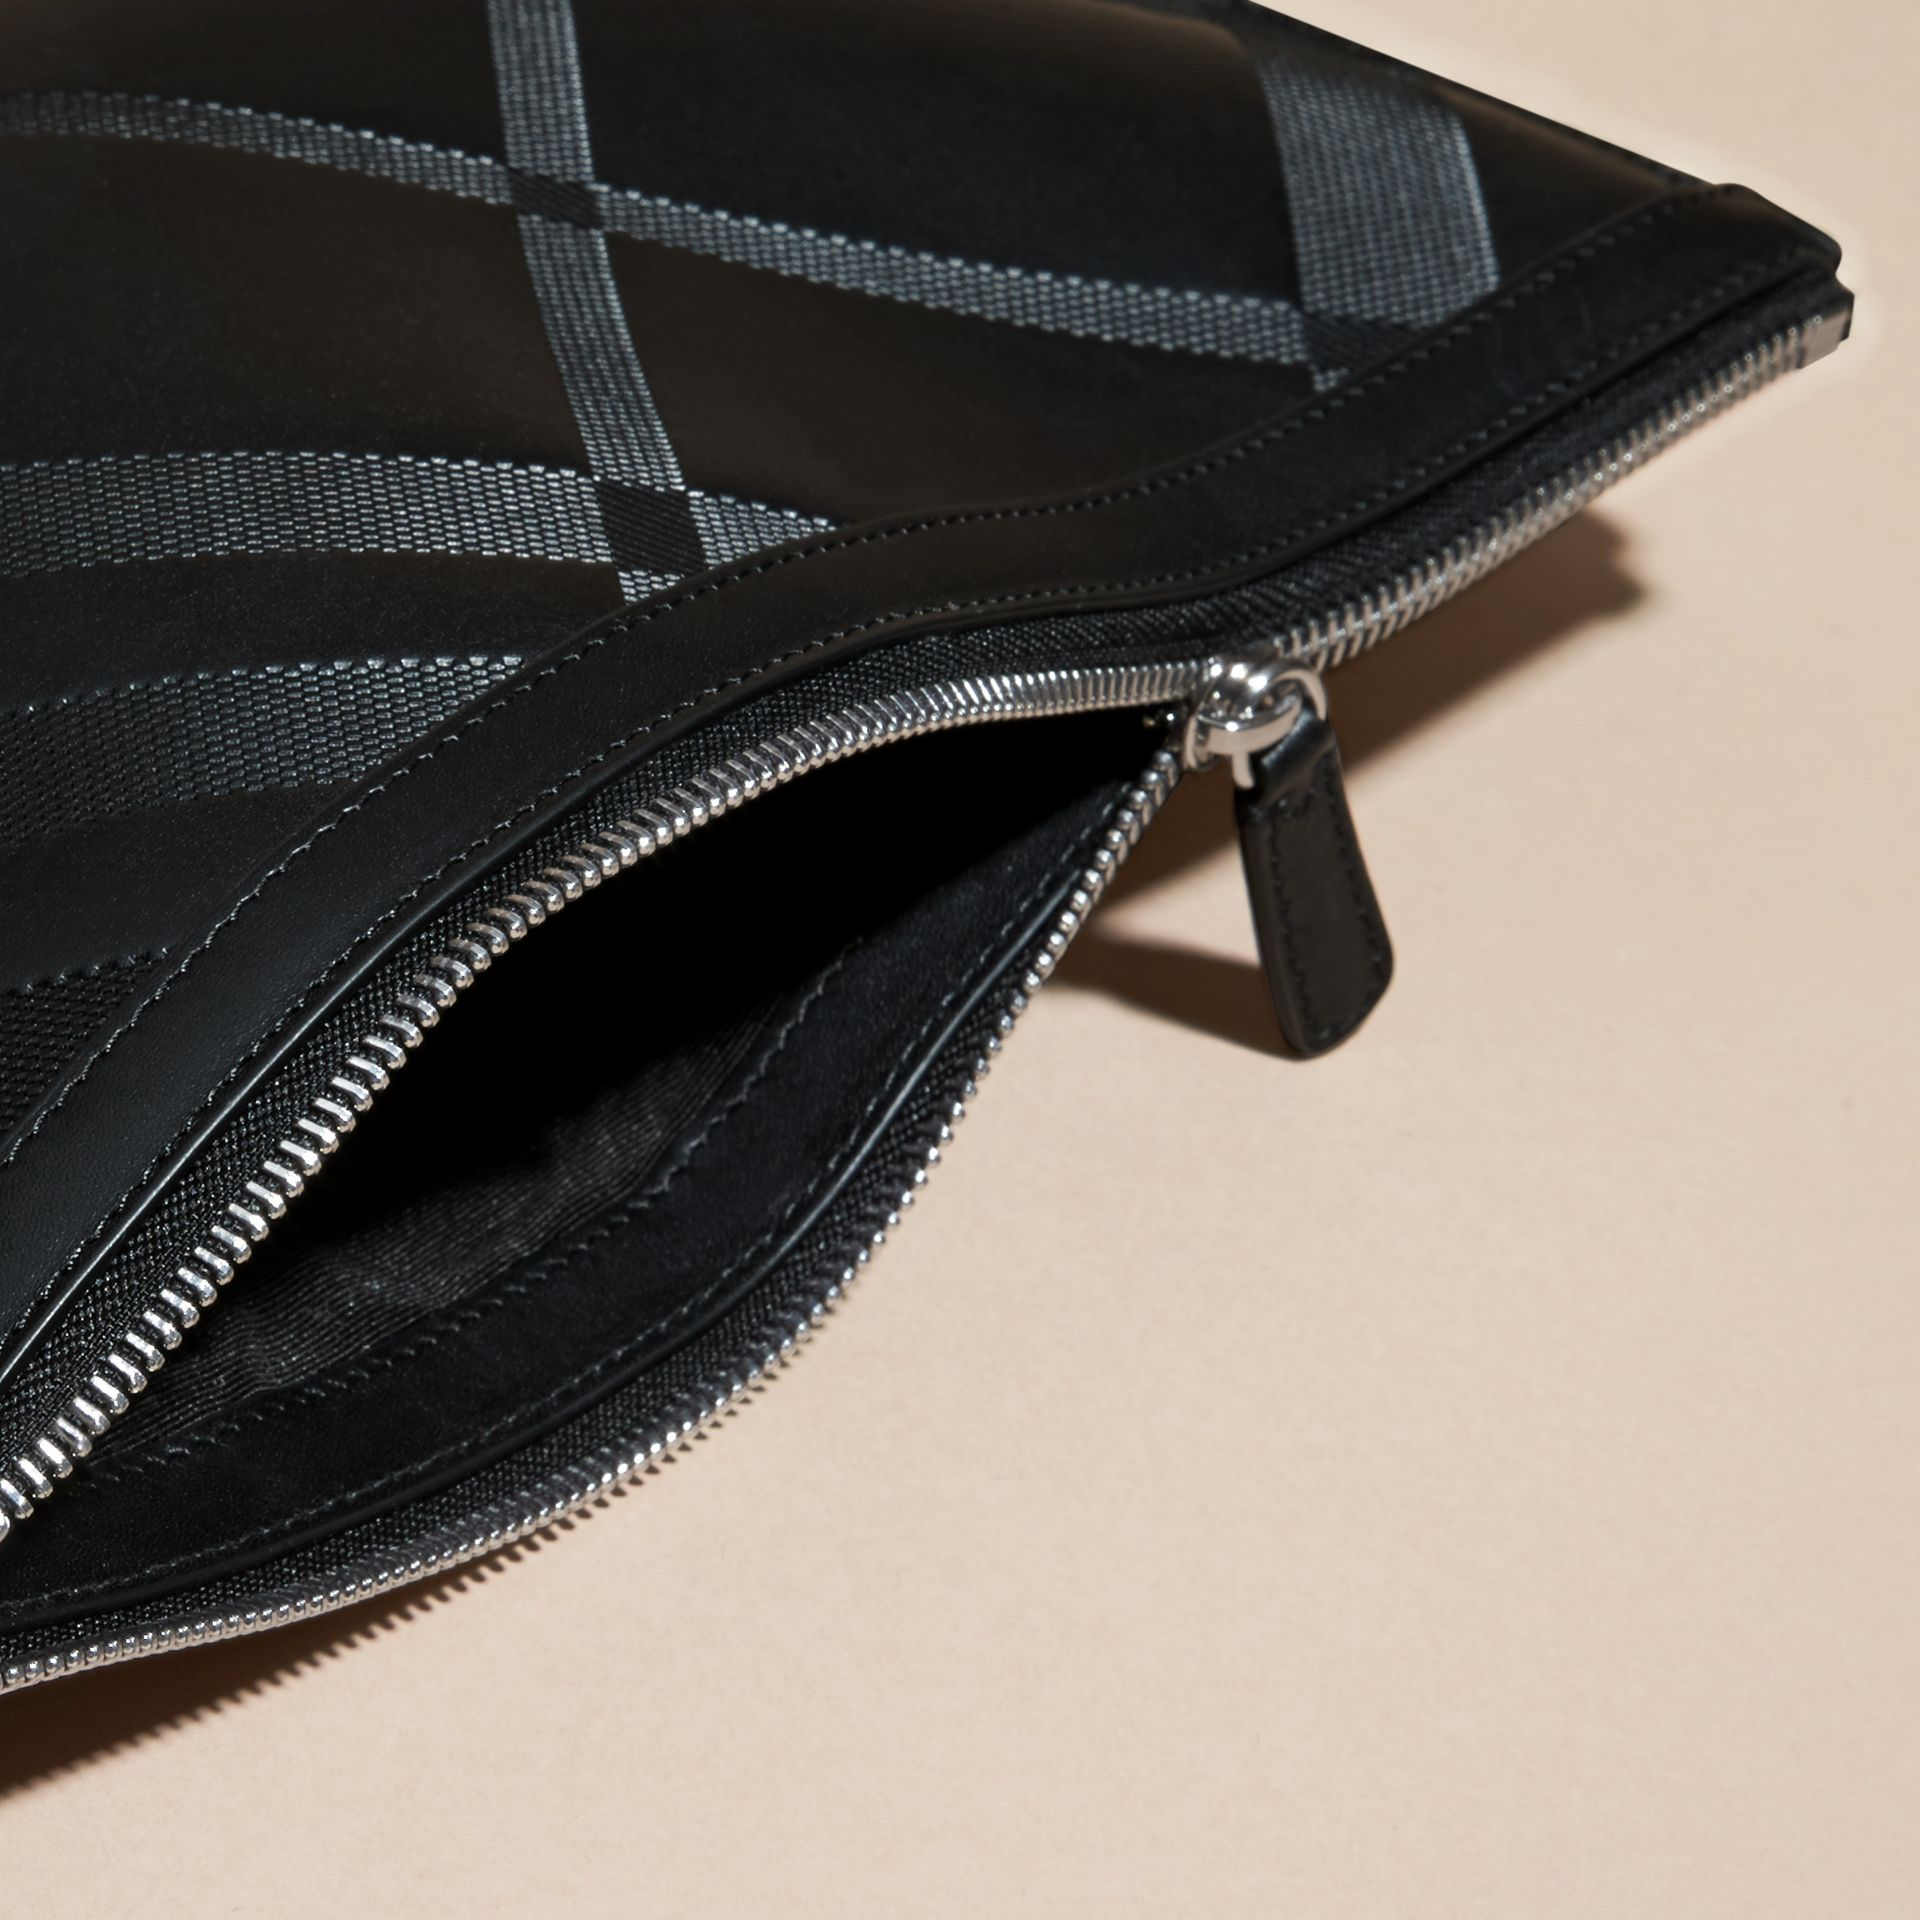 Nero Pochette in pelle con motivo check in rilievo Nero - immagine della galleria 2